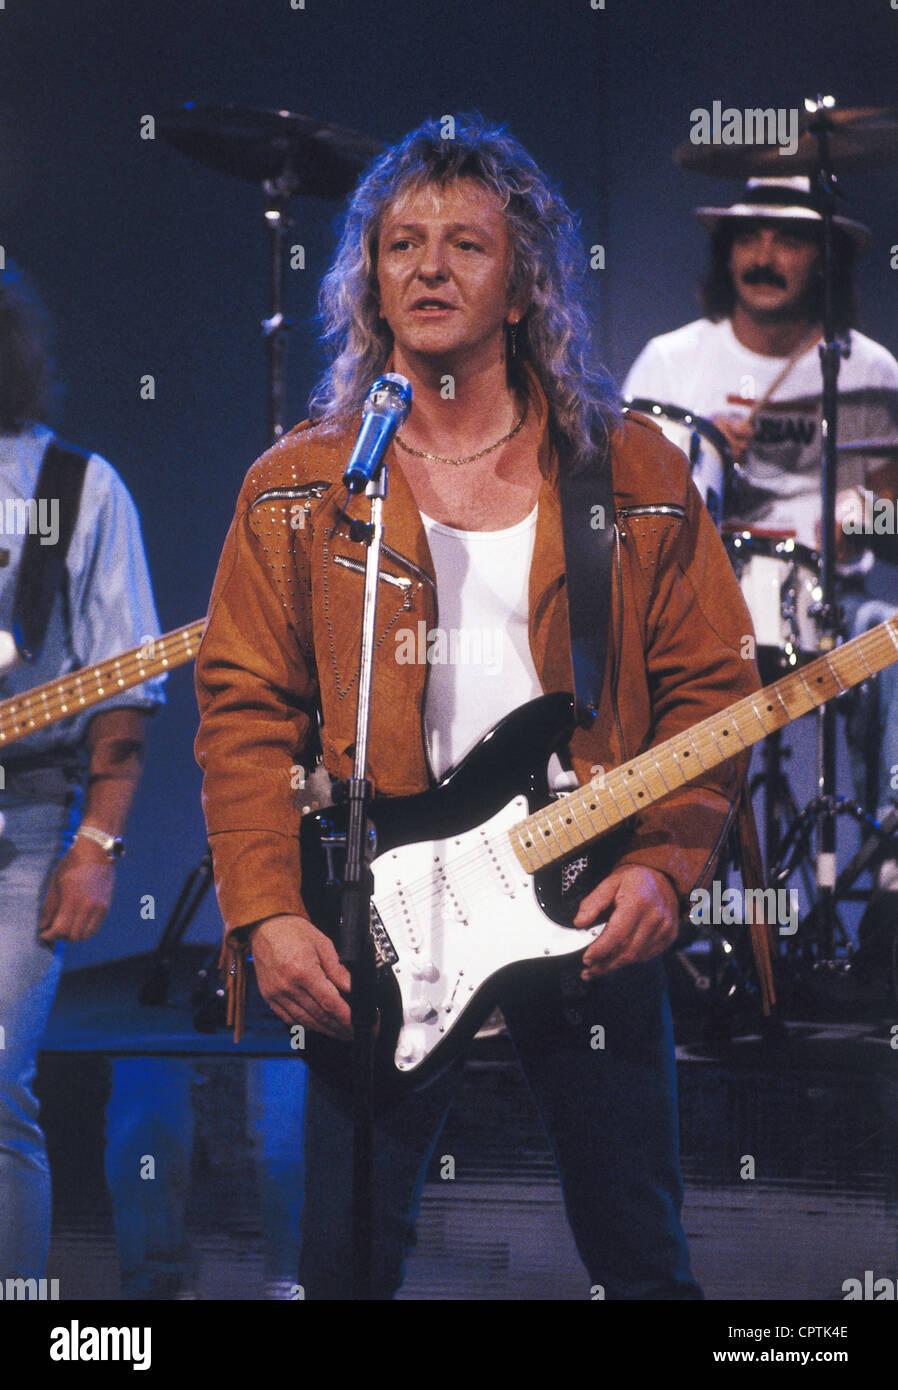 Smokie, British rock group, gegründet 1974, Sänger Alan Barton, auf der Bühne, 1990 s, Additional Stockbild